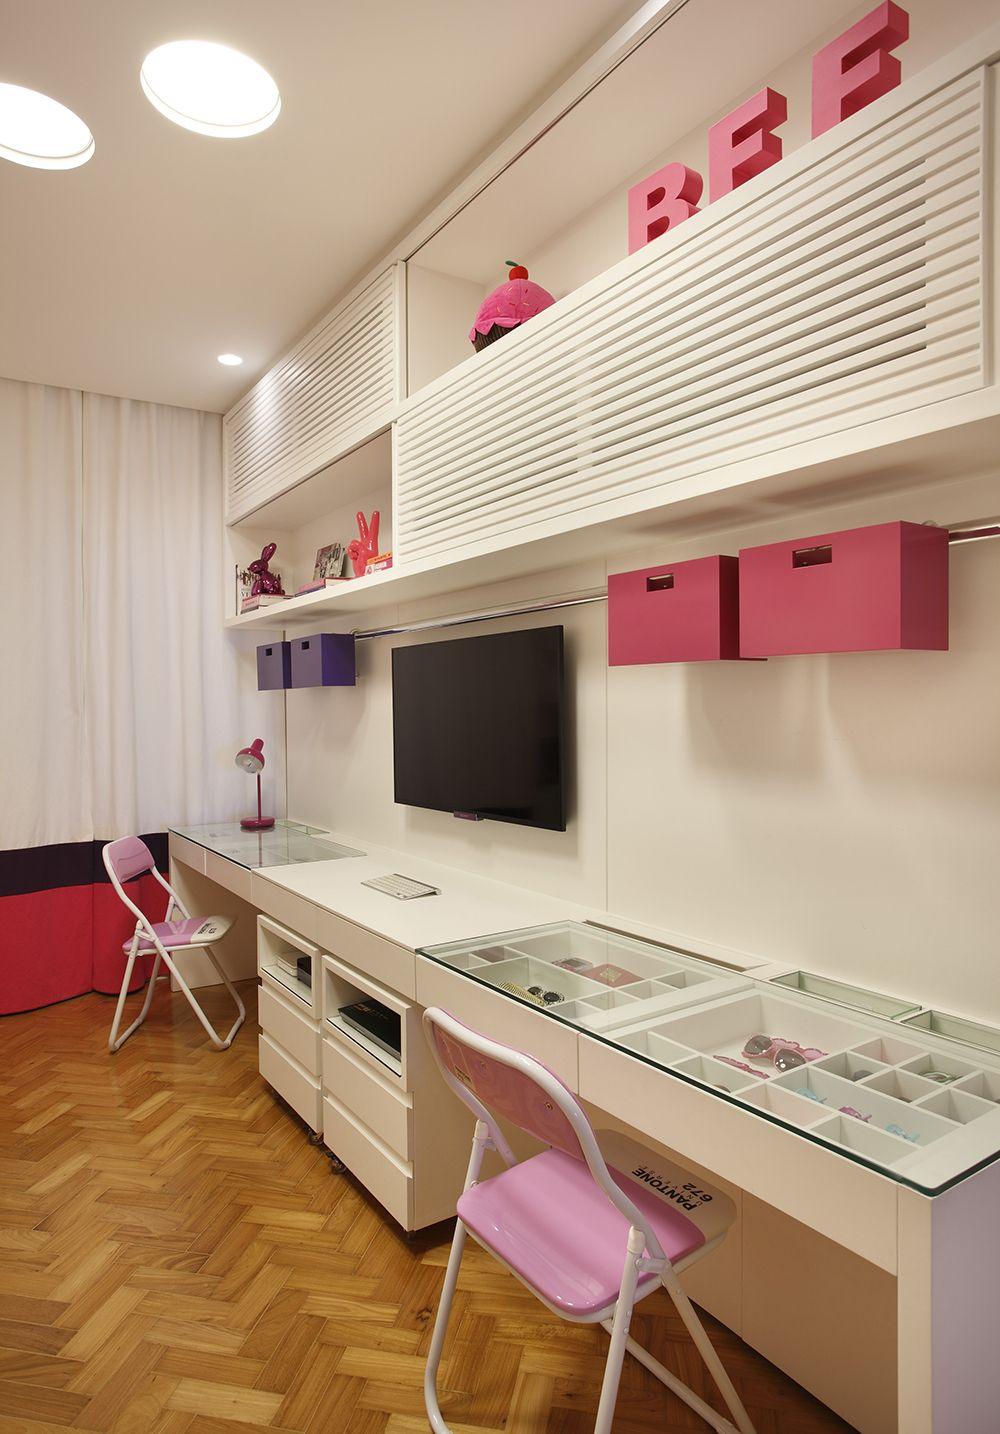 Balcao No Quarto ~ Decoraç u00e3o de Quarto de criança; cortina branca, roxa e rosa; Casa de Valentina Decoraç u00e3o